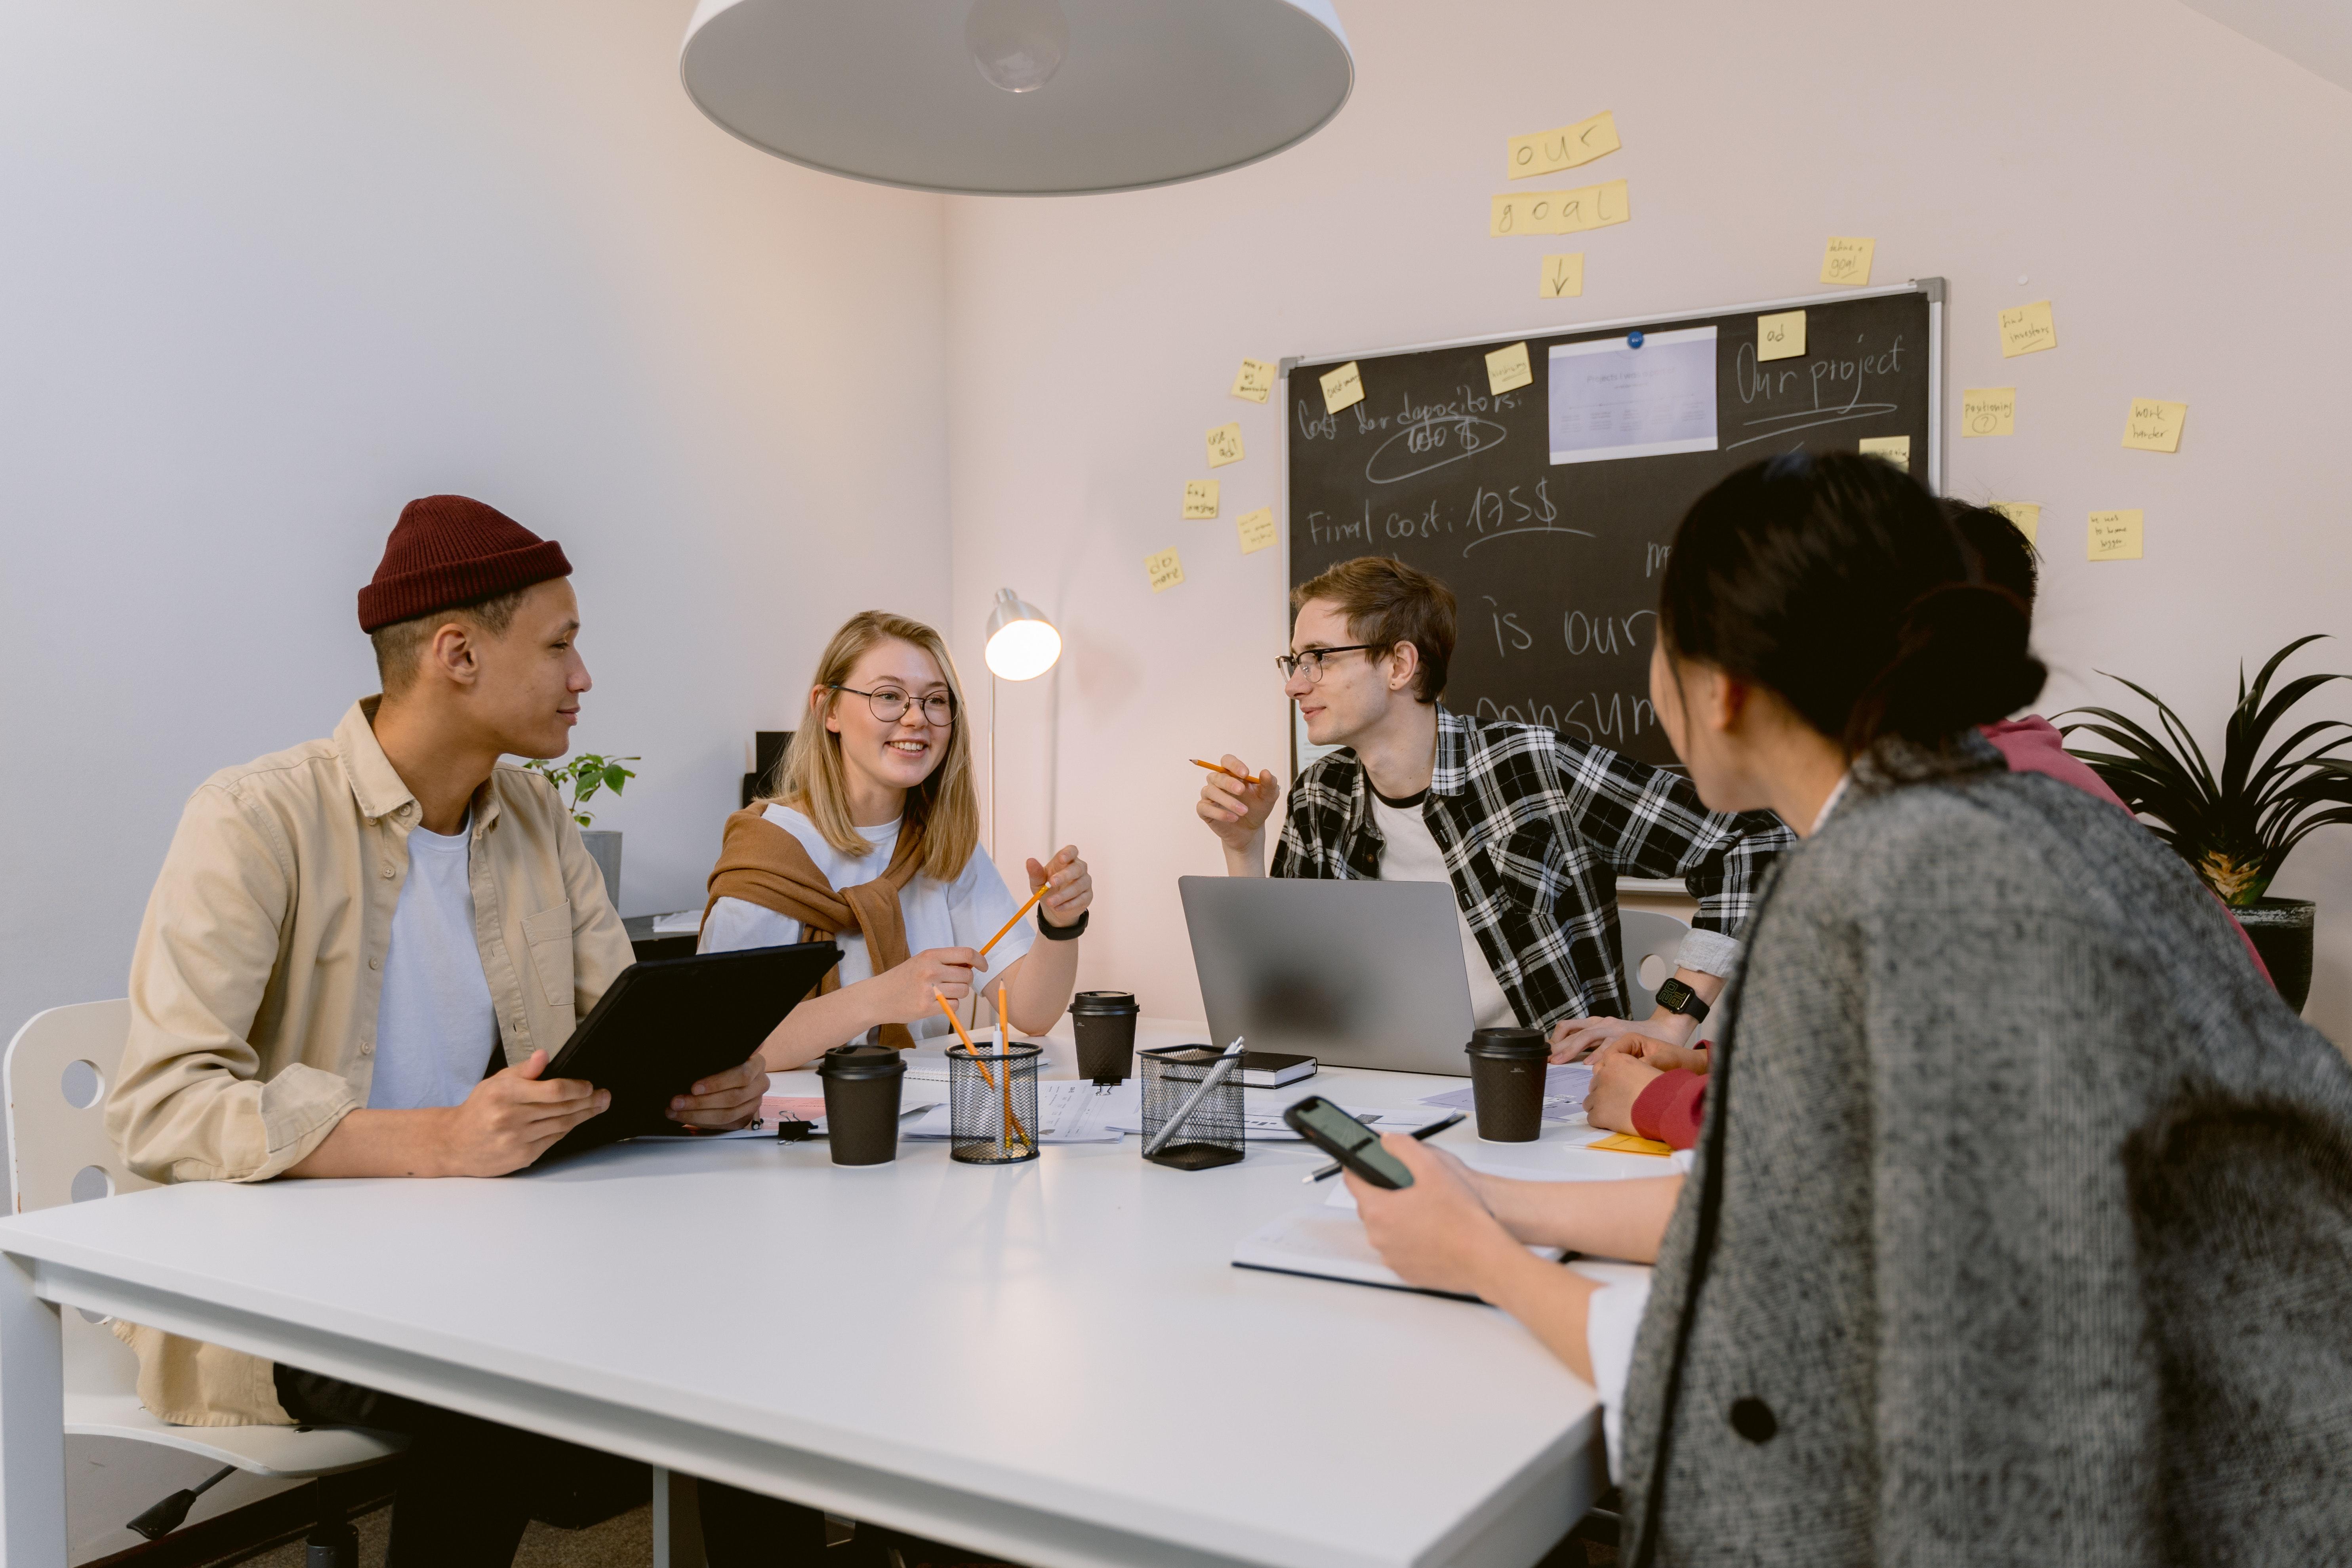 Sugestões da equipe para inovação em pequenas empresas